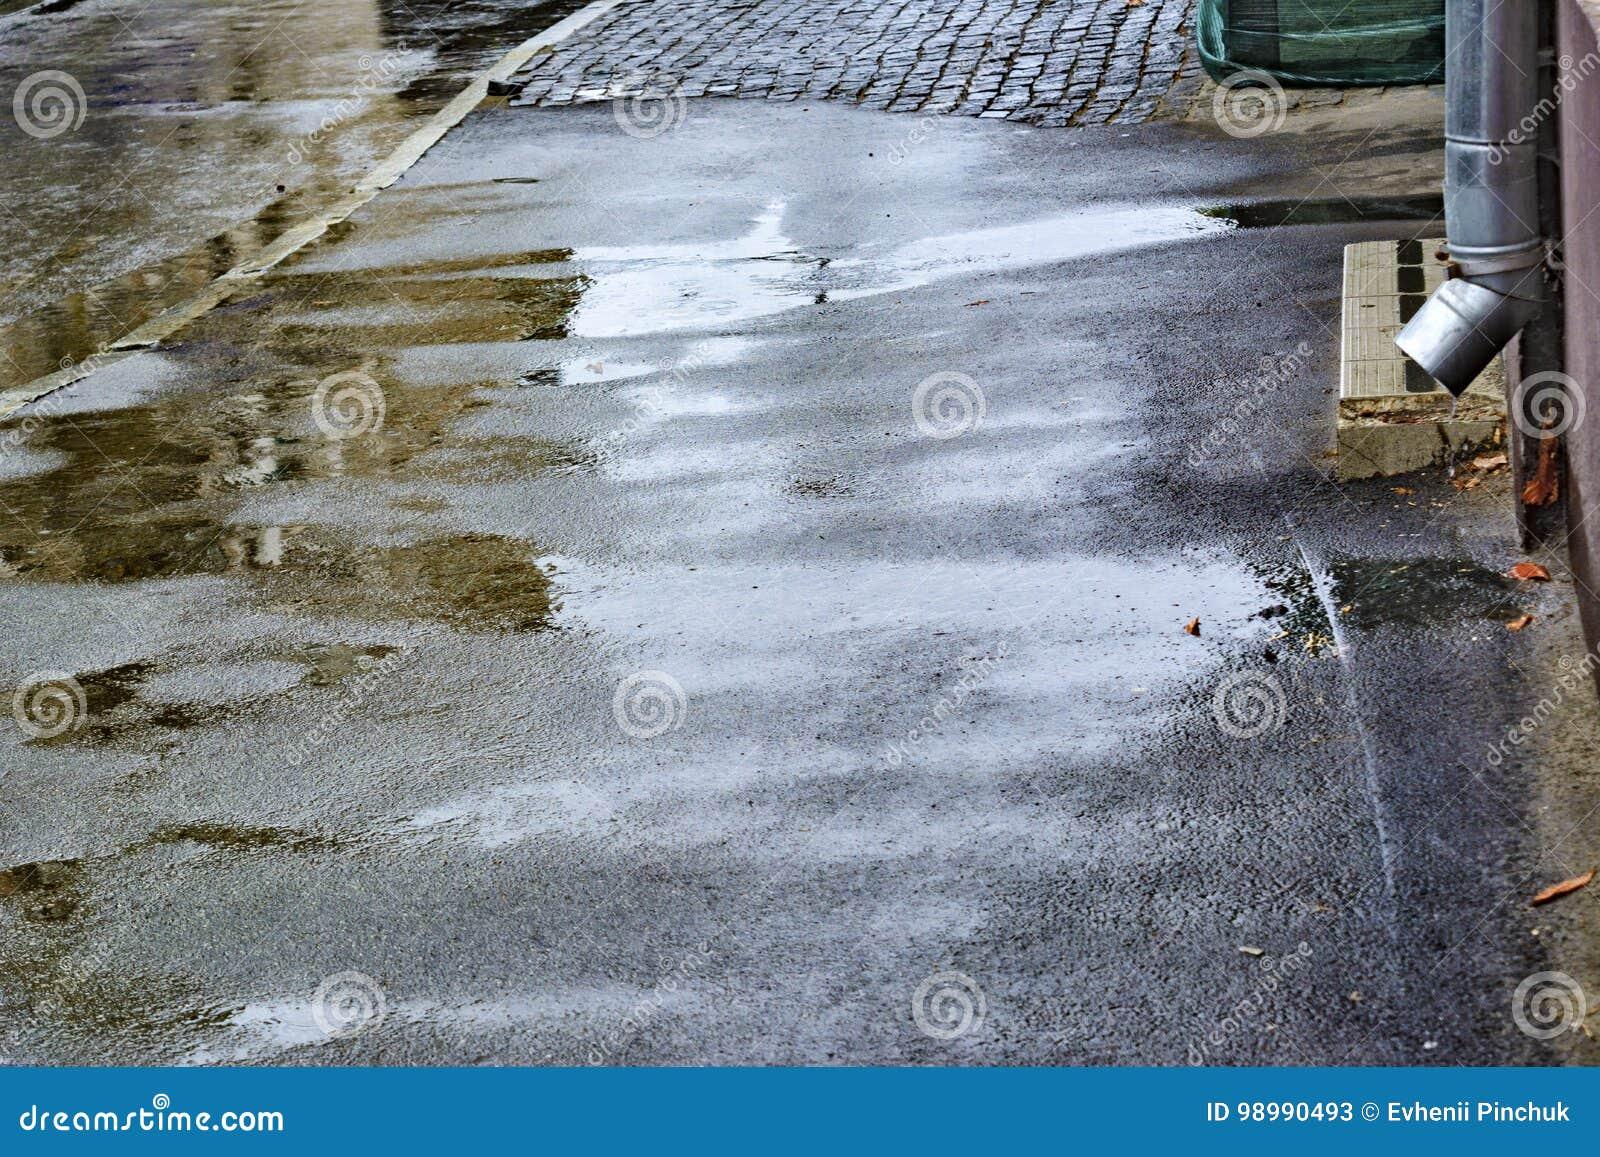 De regen van de zomer Dalende regen regendruppels Vulklei met bellen op de bestrating Nat asfalt Slecht weer Regenseizoen